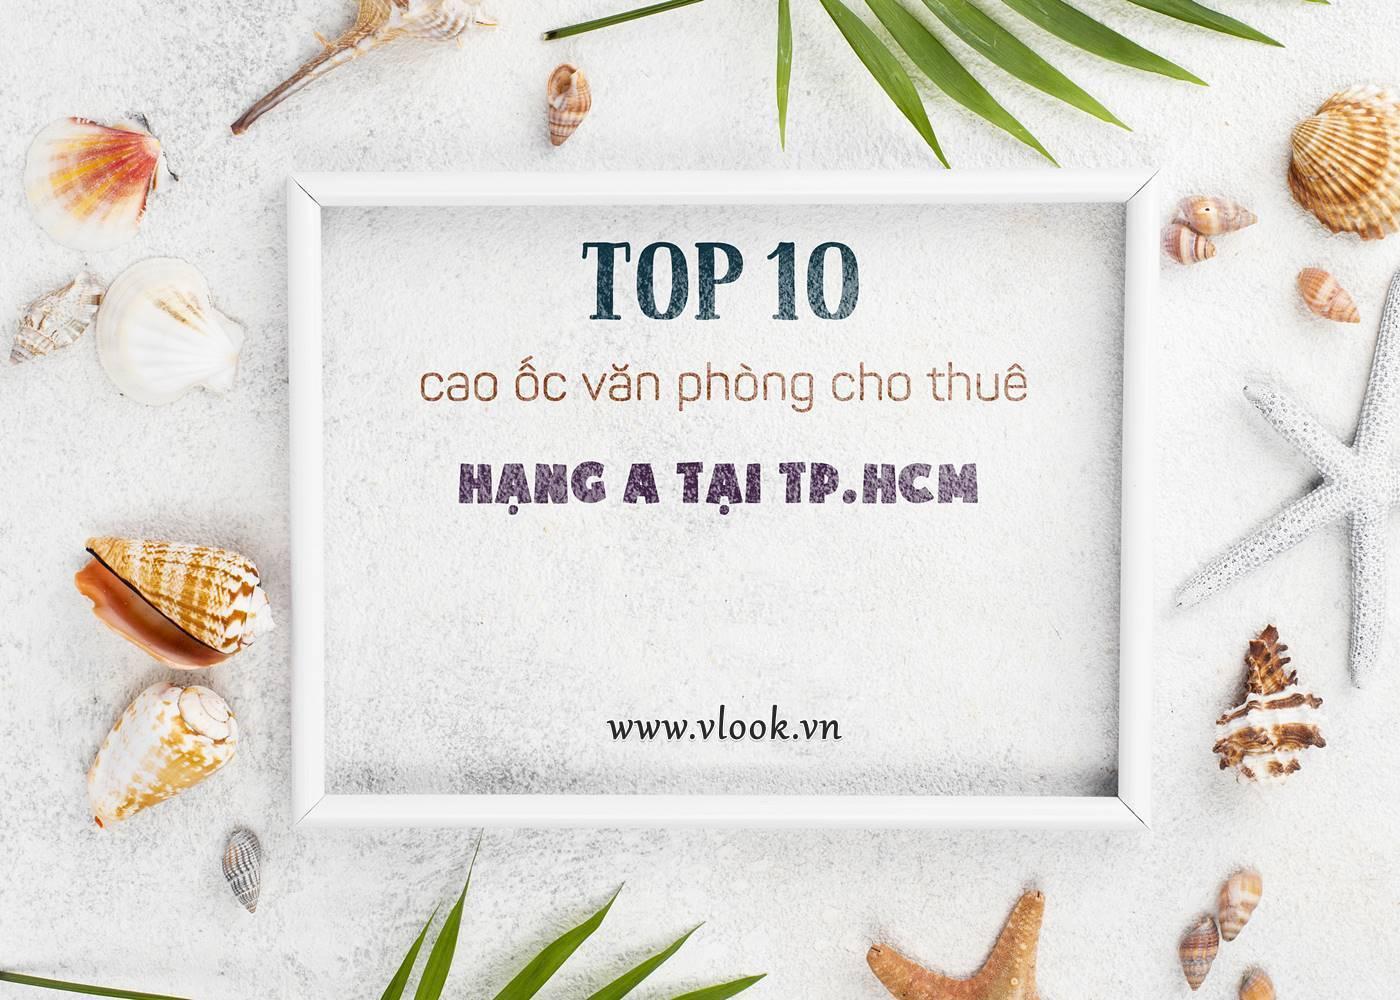 Top 10 cao ốc văn phòng cho thuê hạng A tại TP.HCM (cập nhật 2021)